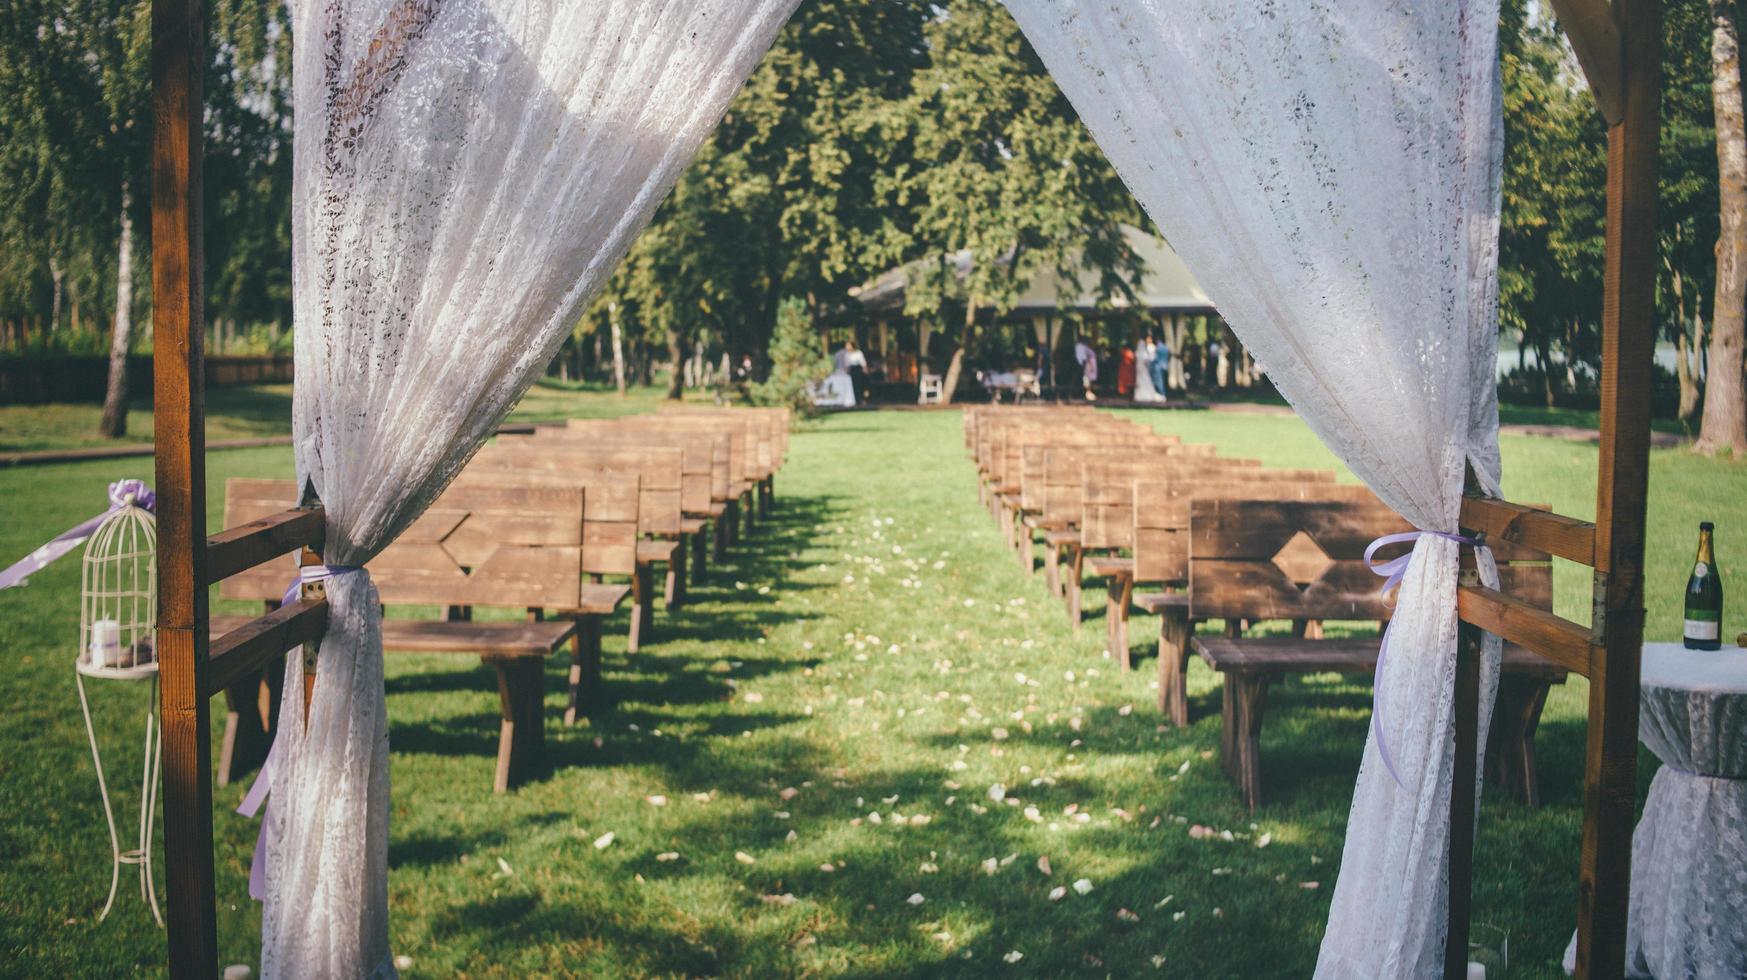 arco di nozze con festa di matrimonio in background foto